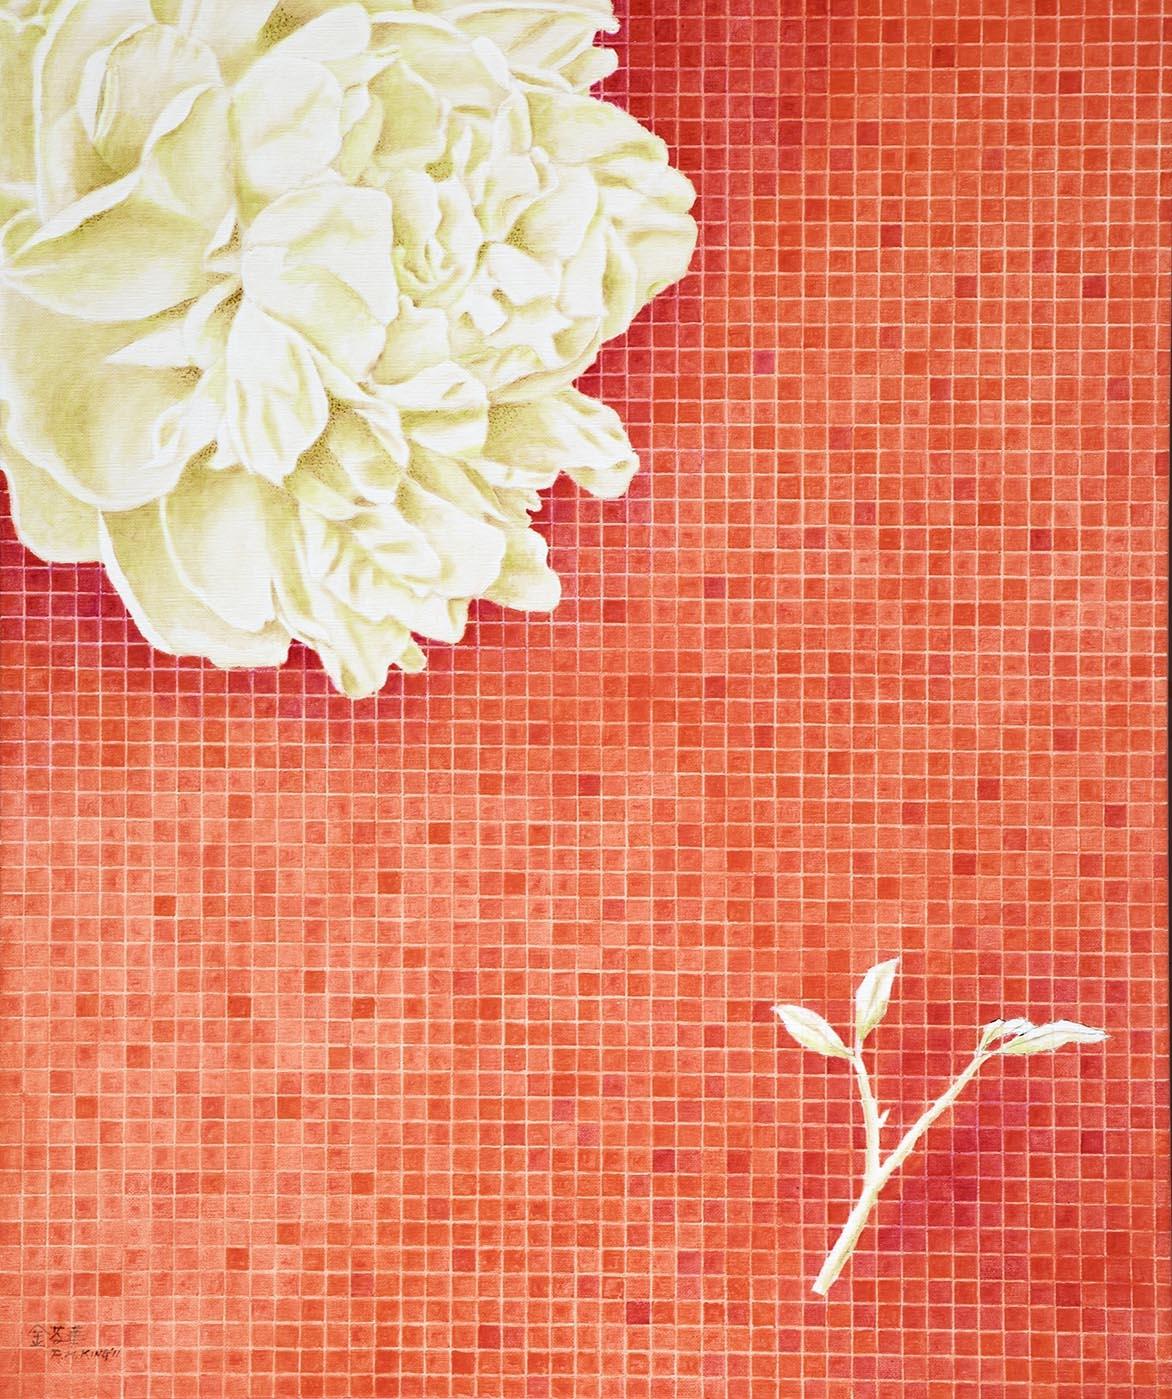 金芬華 紅調 油彩畫布 72.5x60.5cm